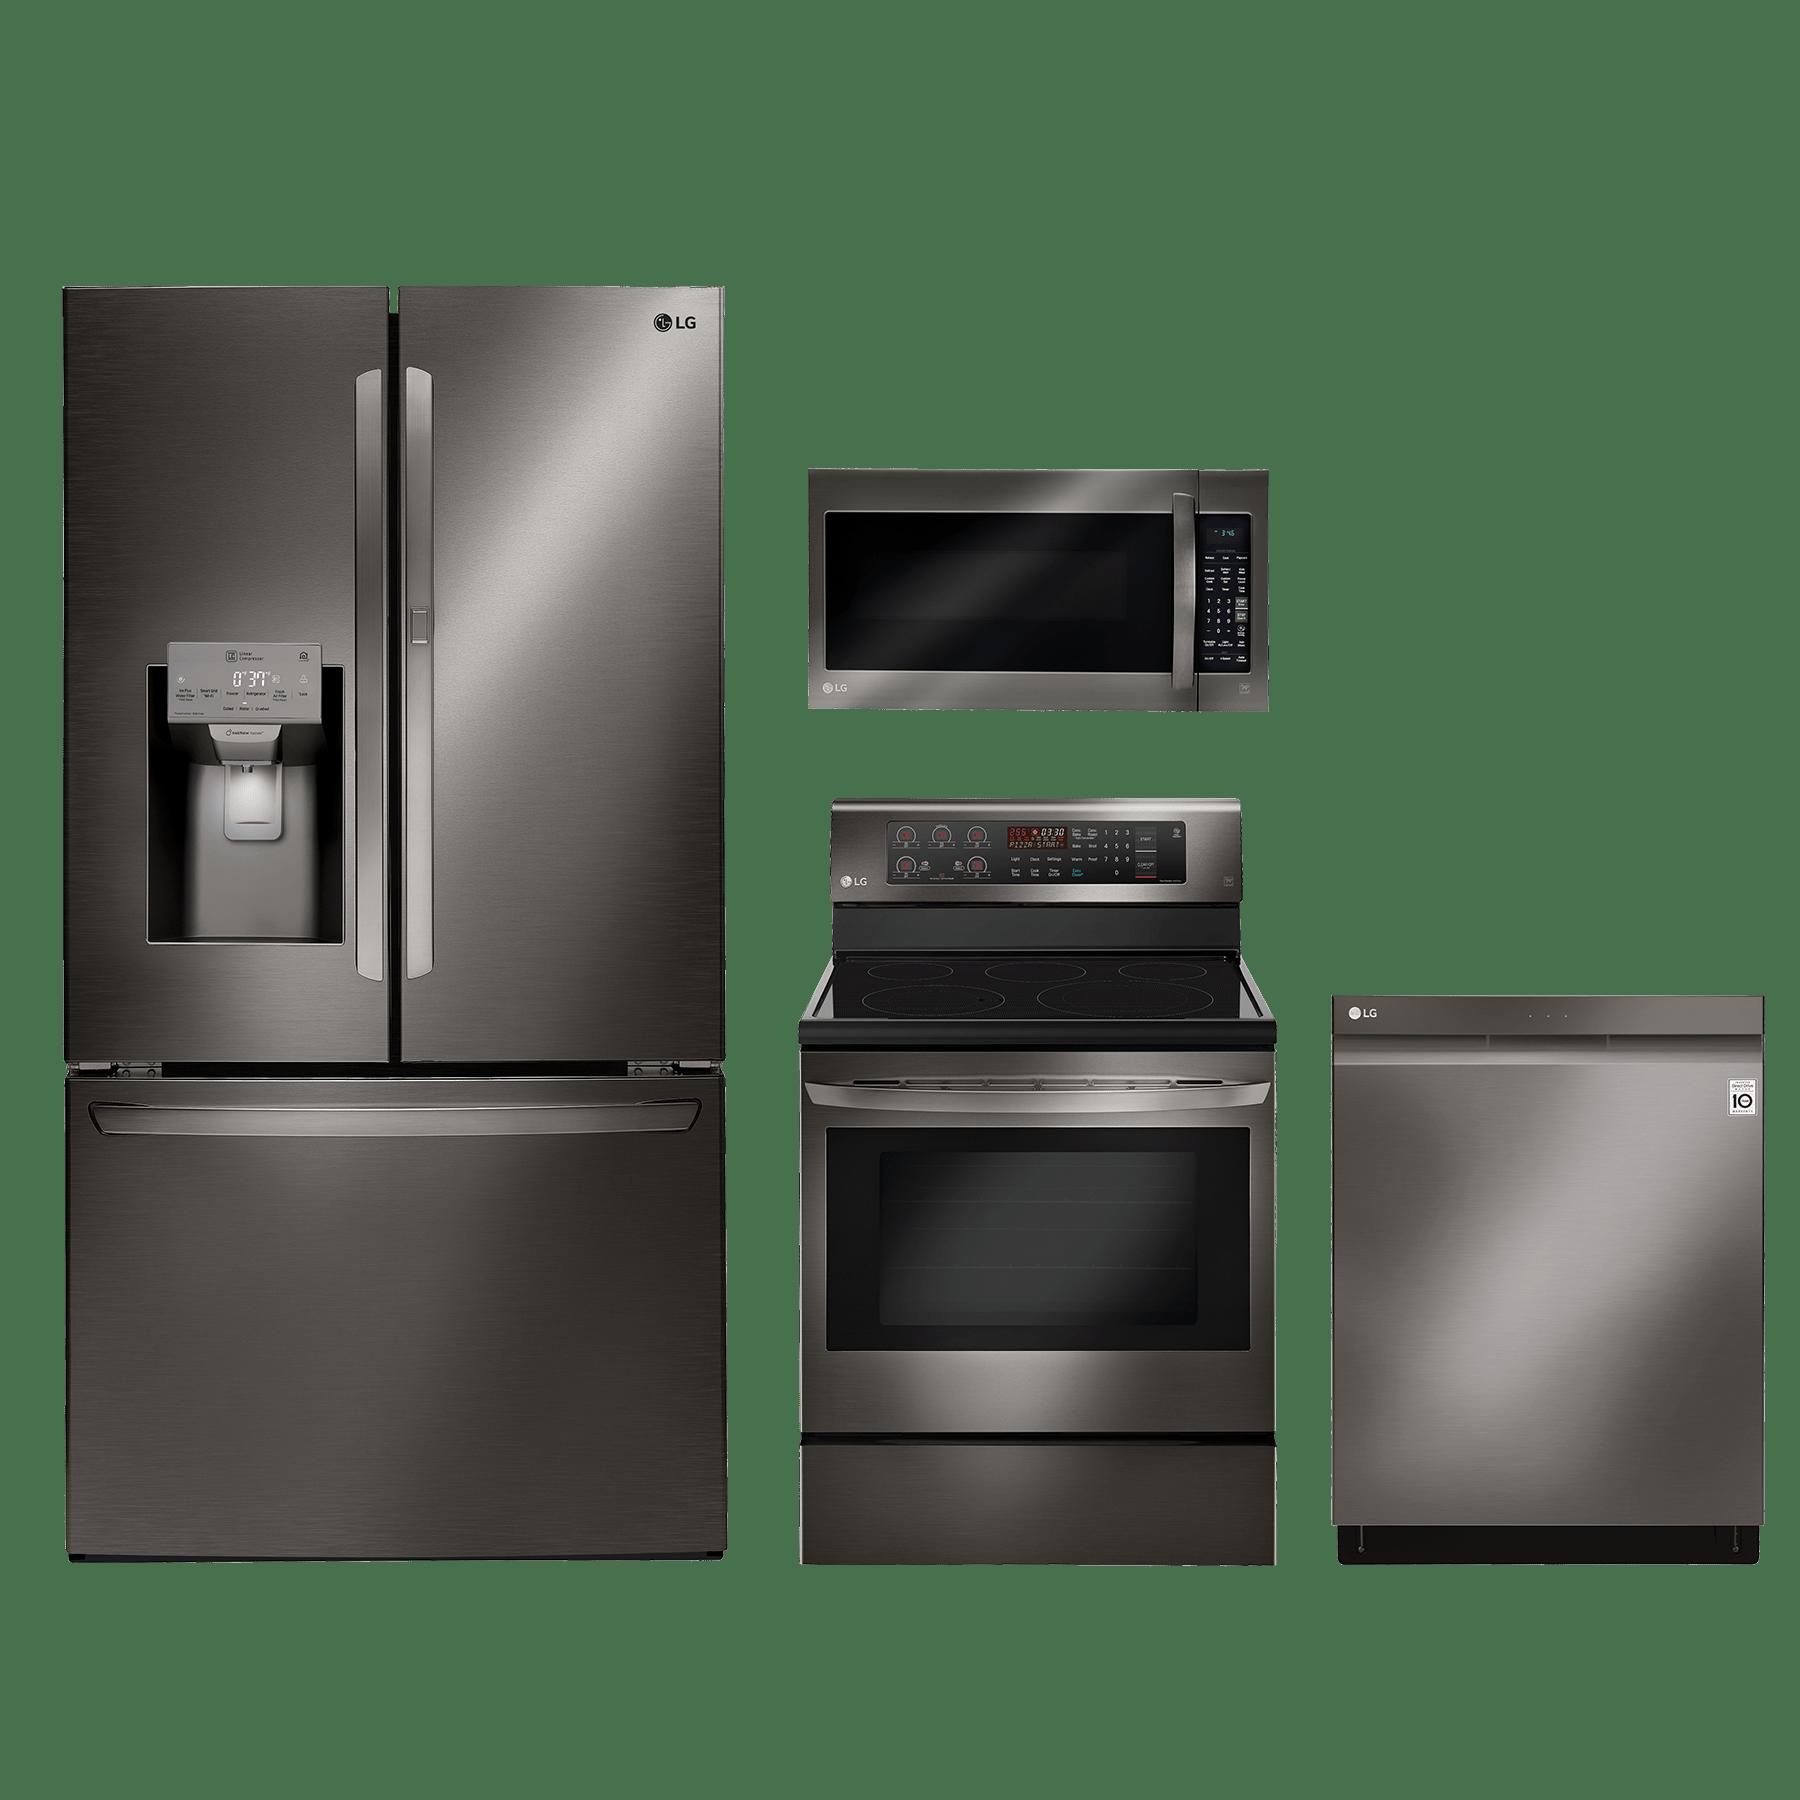 lg 4 piece kitchen package black stainless steel kitchen appliance packages  rh   bargainsupplyappliance com